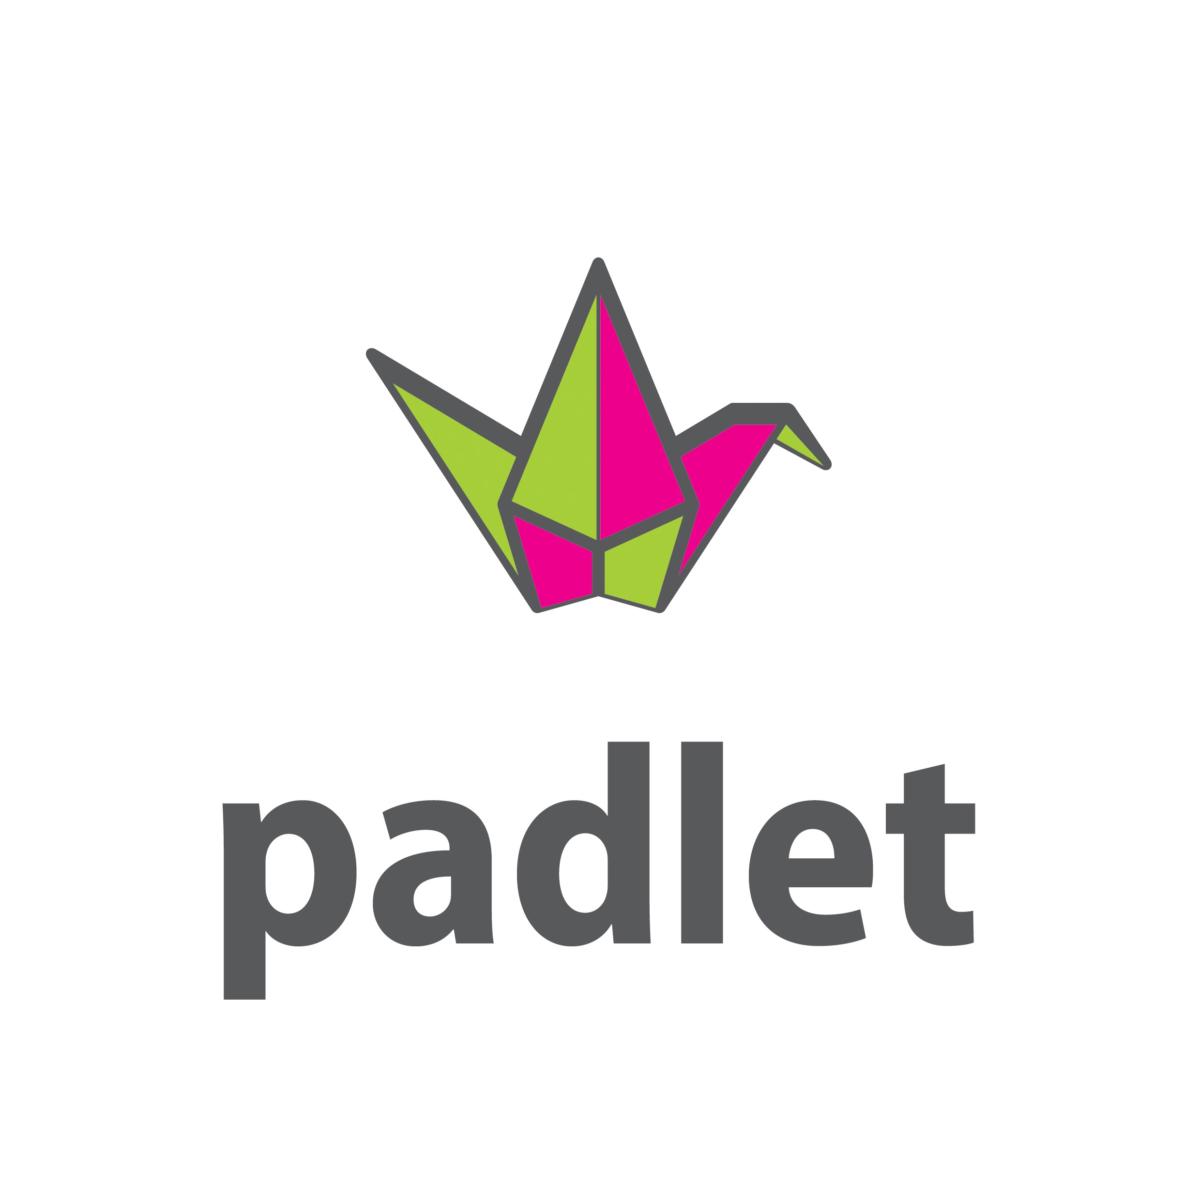 Le logo de Padlet, mur collaboratif en ligne